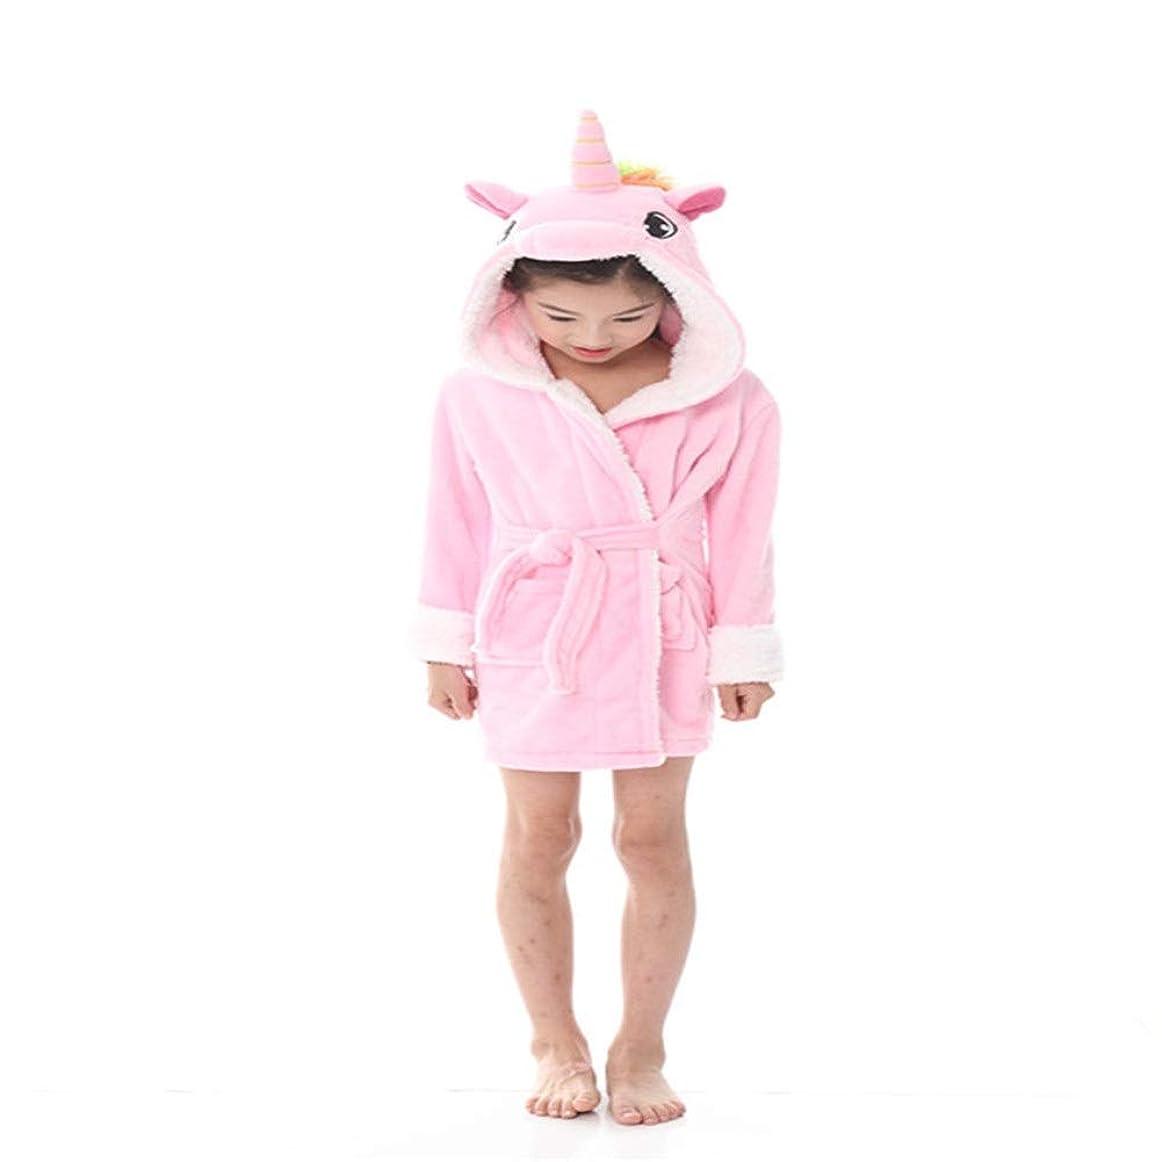 受益者ステートメント南方のローブキッズユニコーンバスローブフード付きローブパジャマ?ボーイズ?ガールズフリースローブフランネルバスローブChildrenSchool少年少女キッズバスローブソフトフード付きユニコーンローブ暖かい動物Nightiesユニセックスギフト (Color : Pink, Size : 100CM)